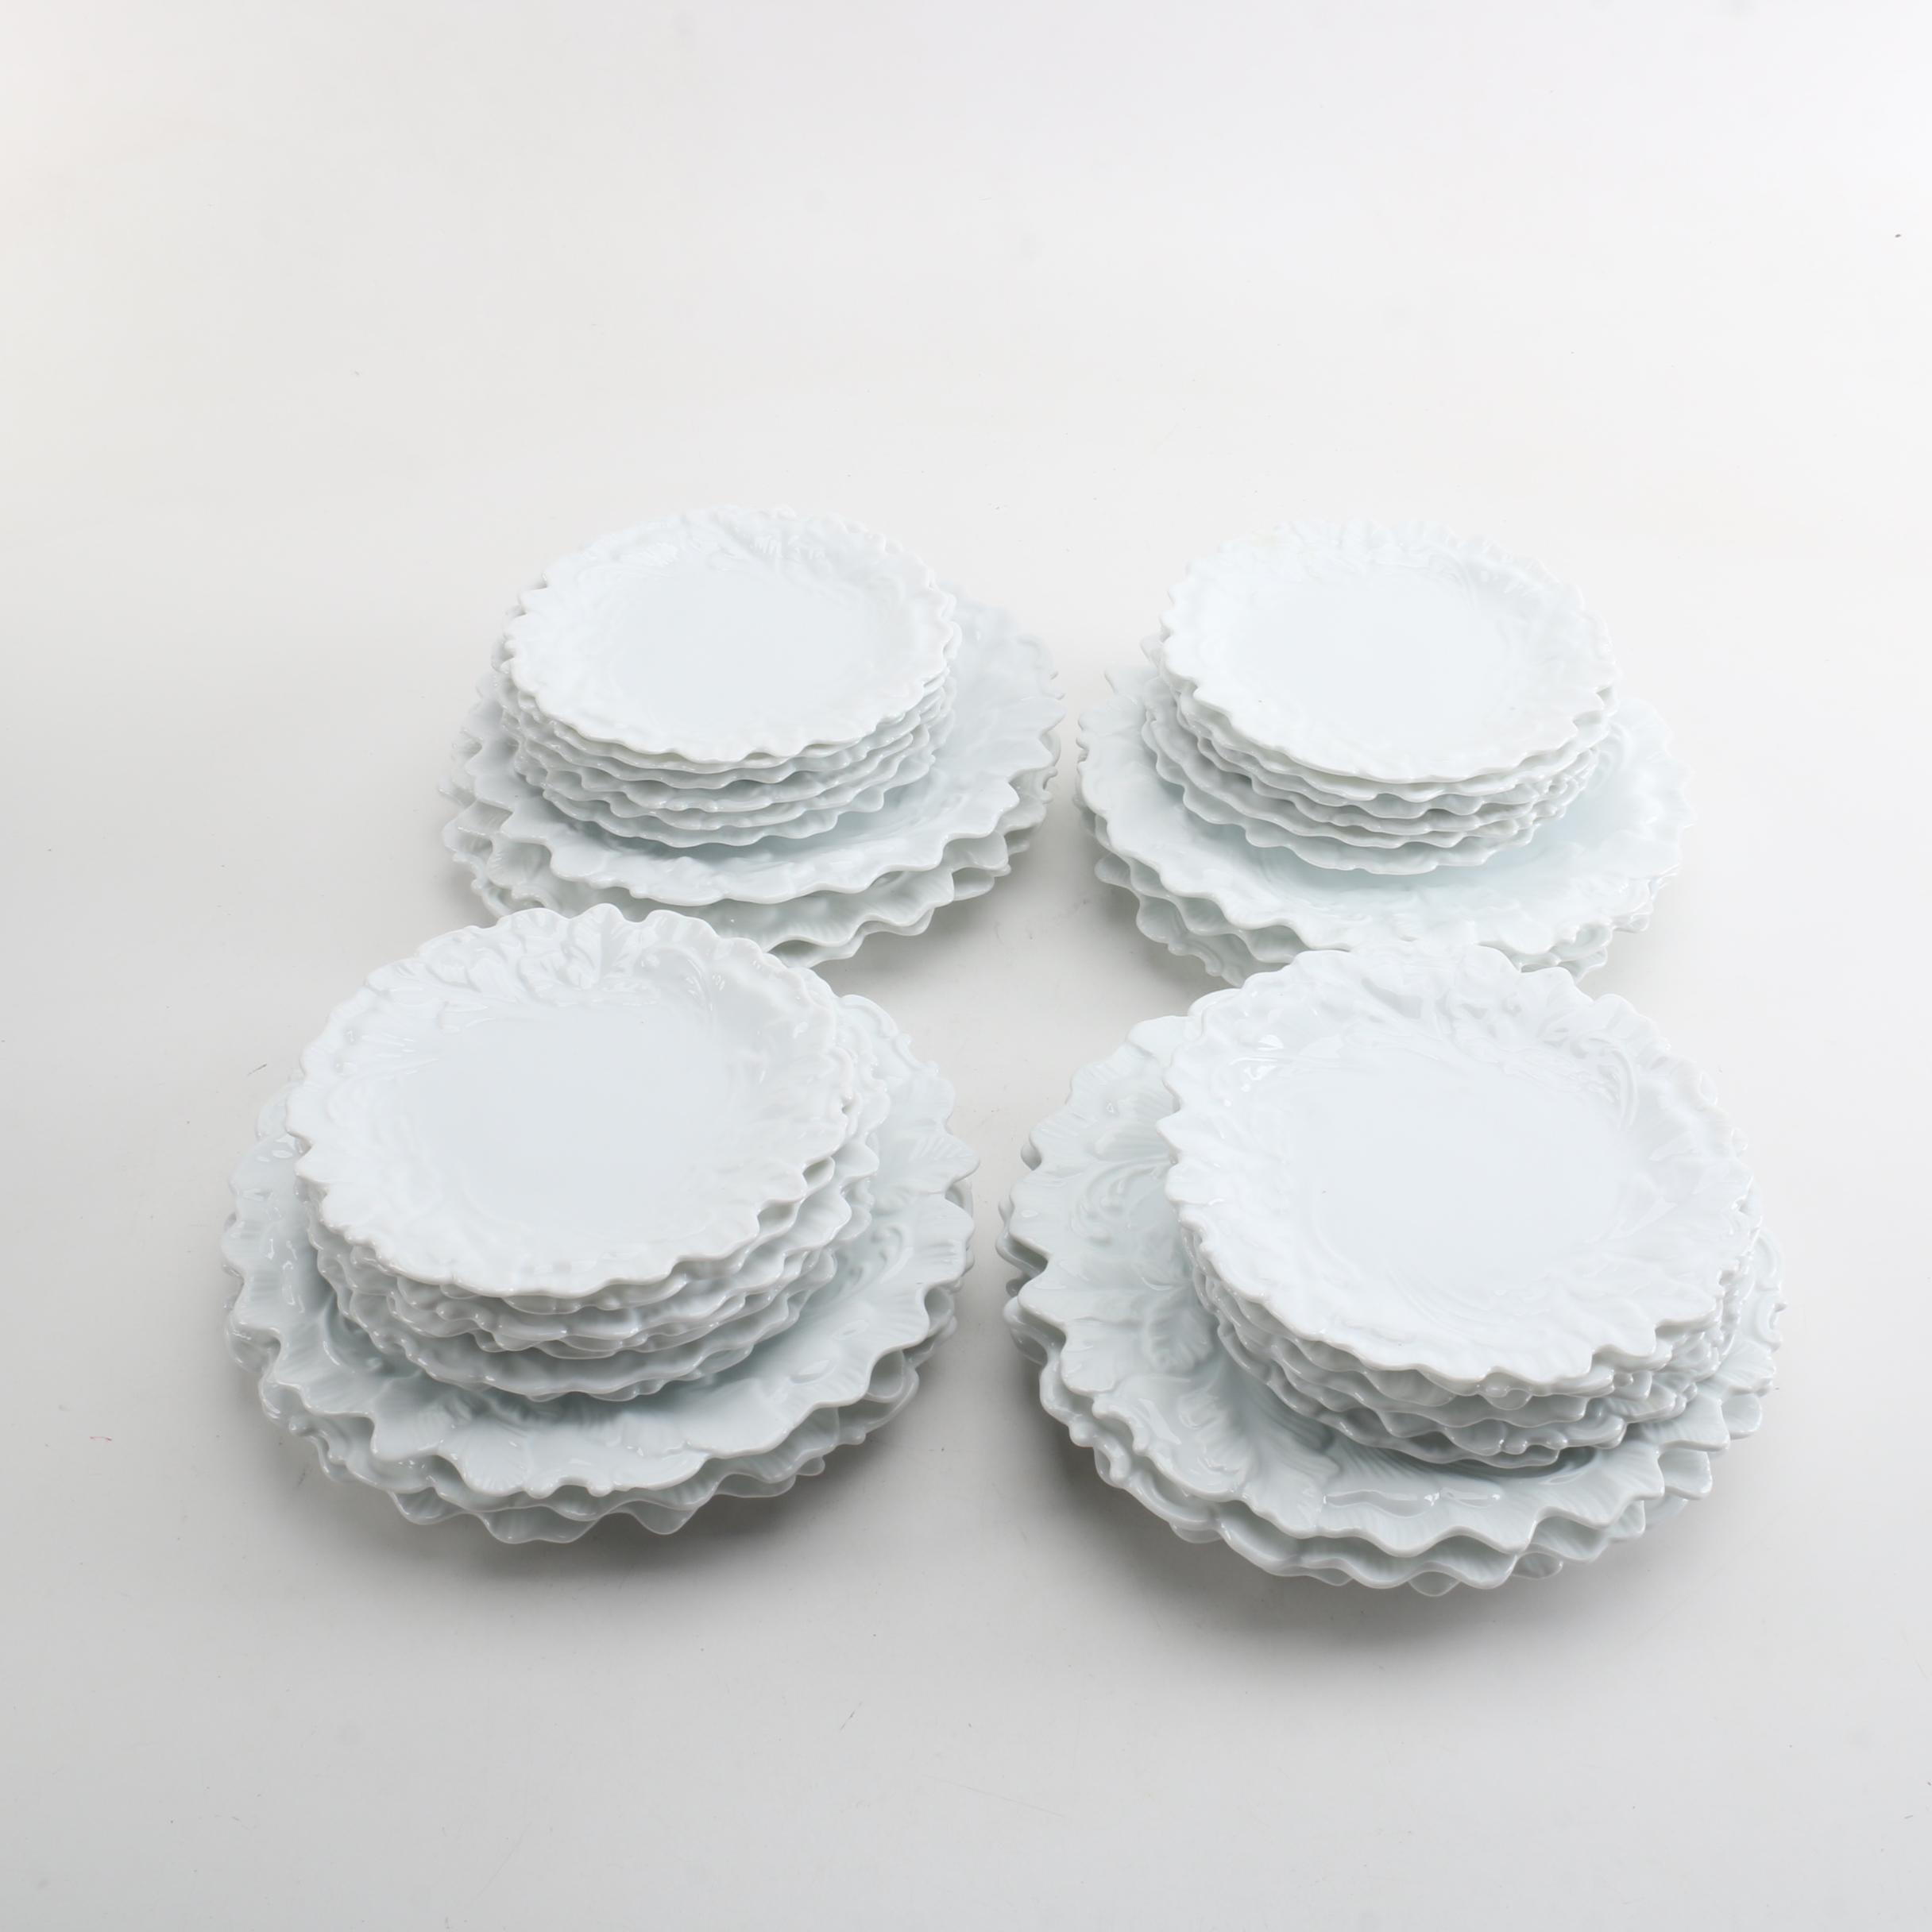 White Porcelain Tableware